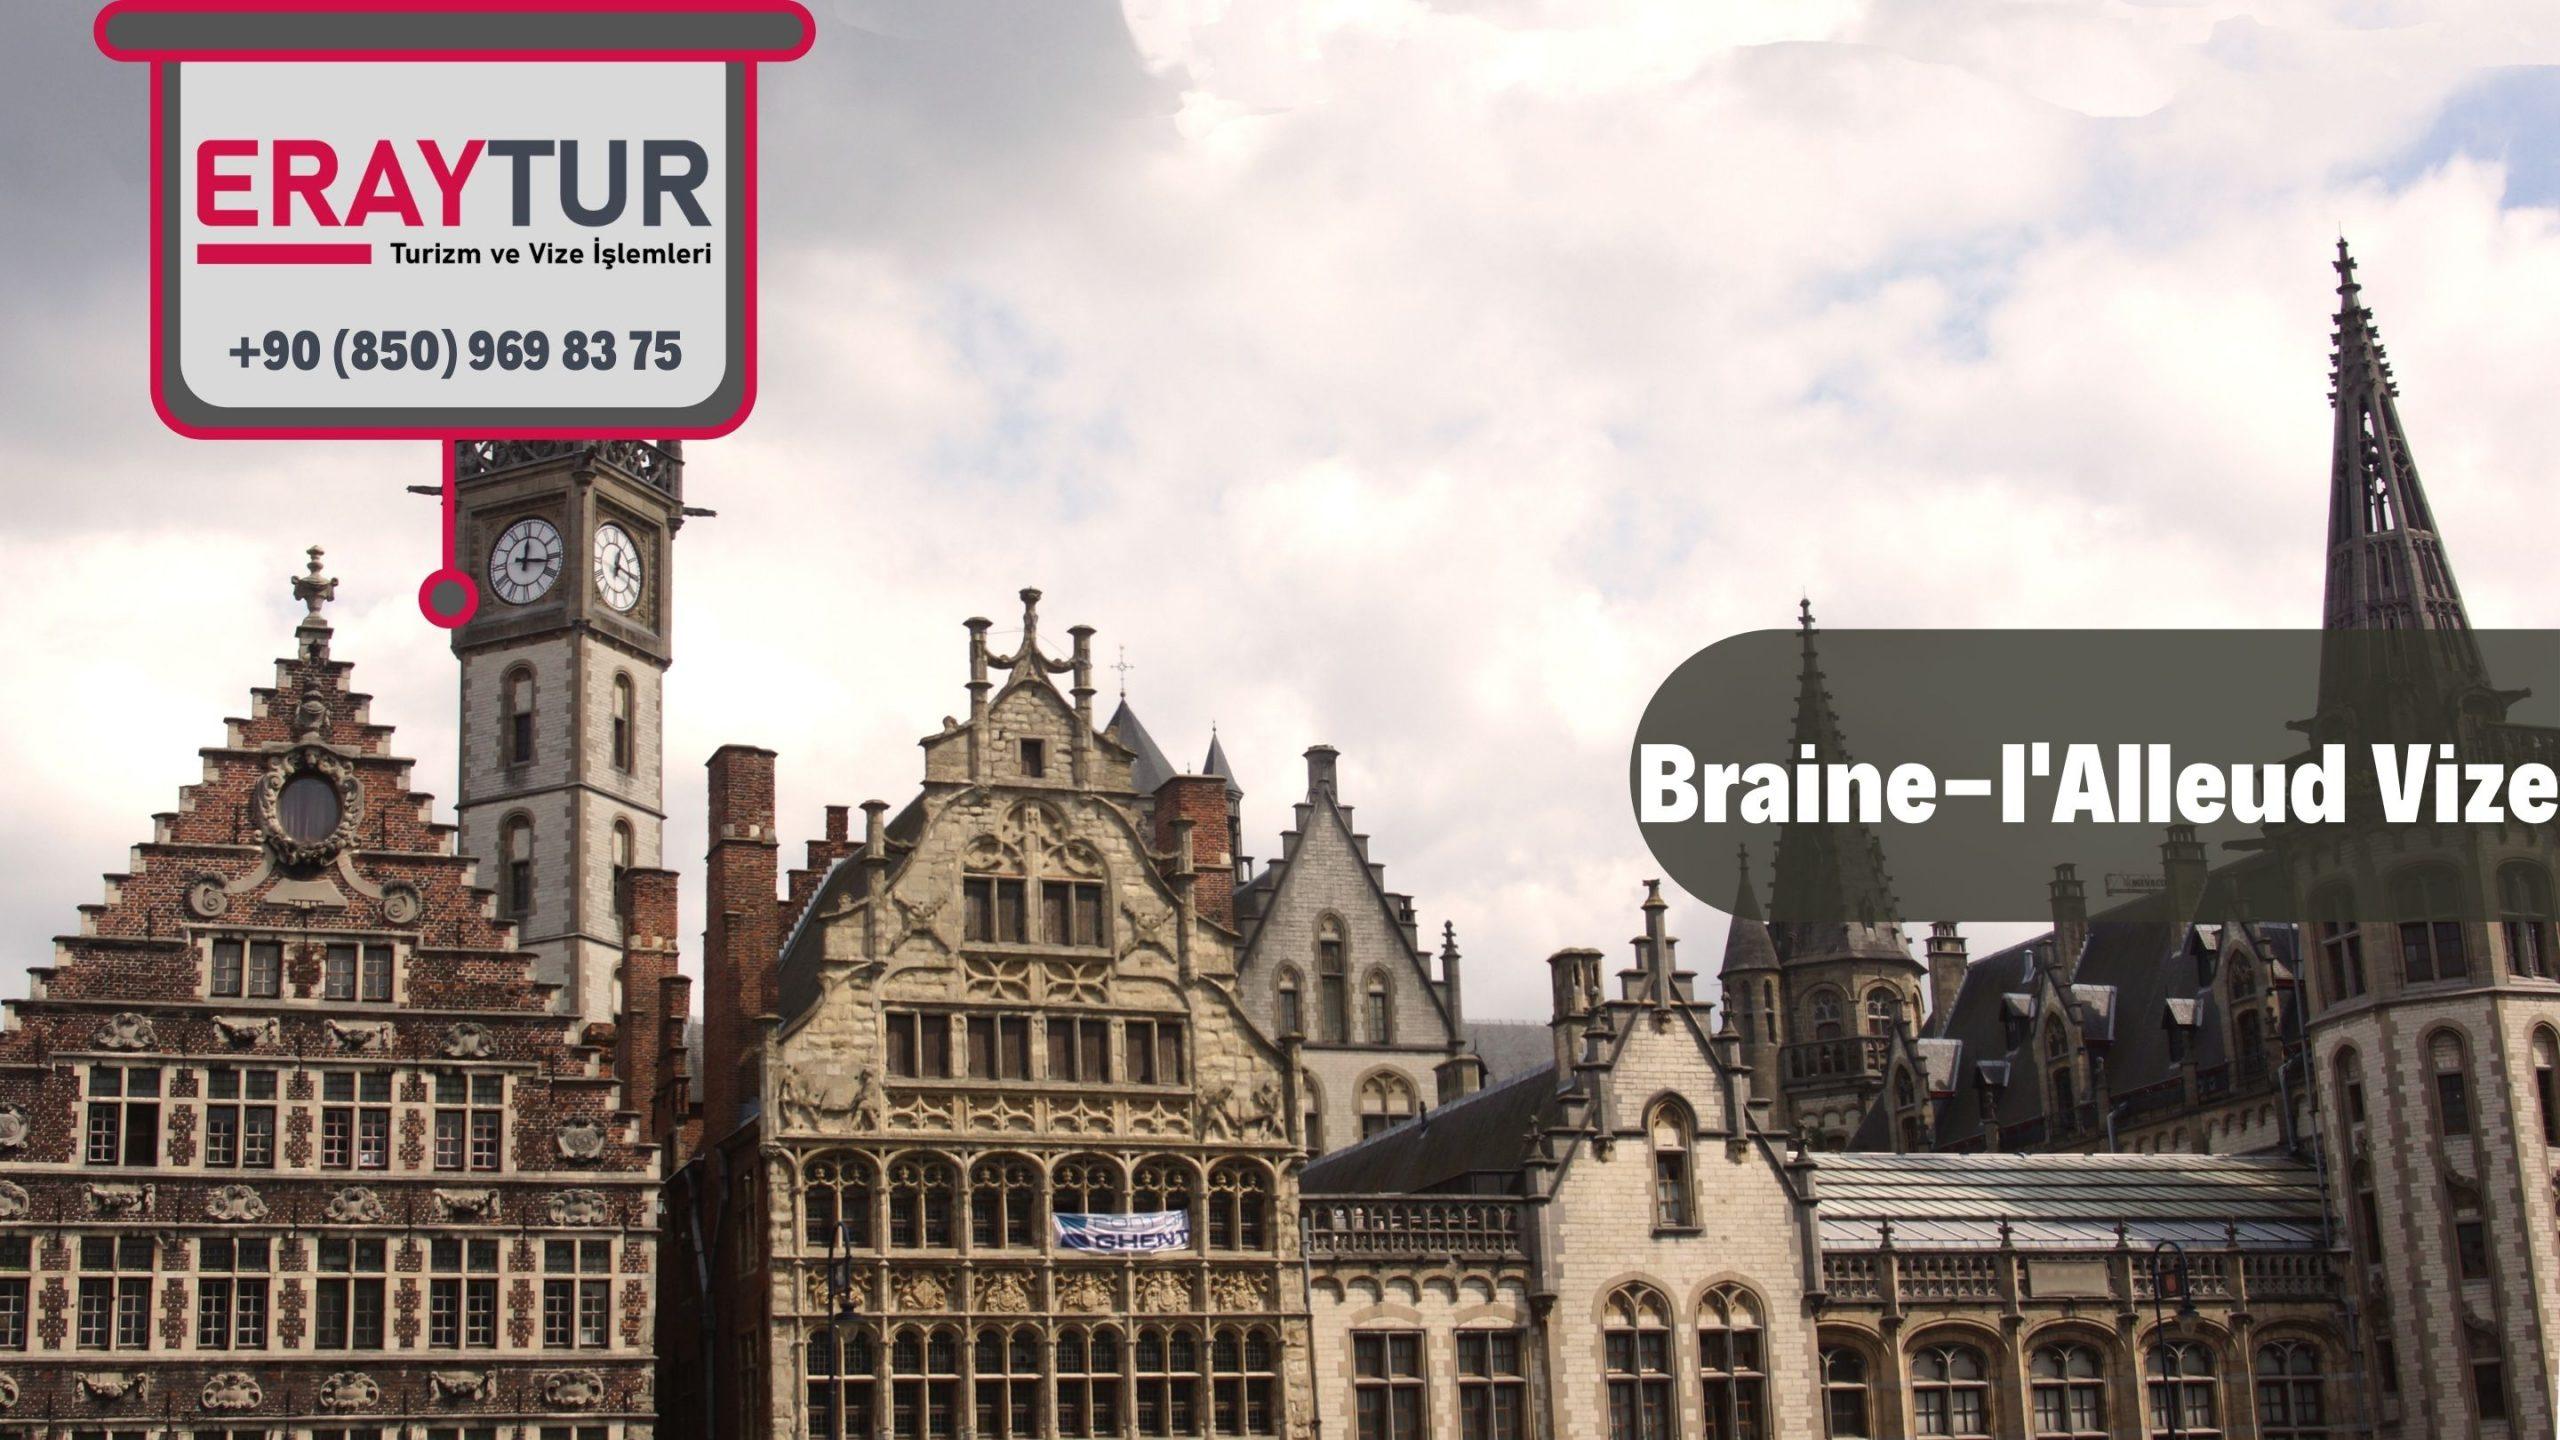 Belçika Braine-l'Alleud VizeBaşvurusu